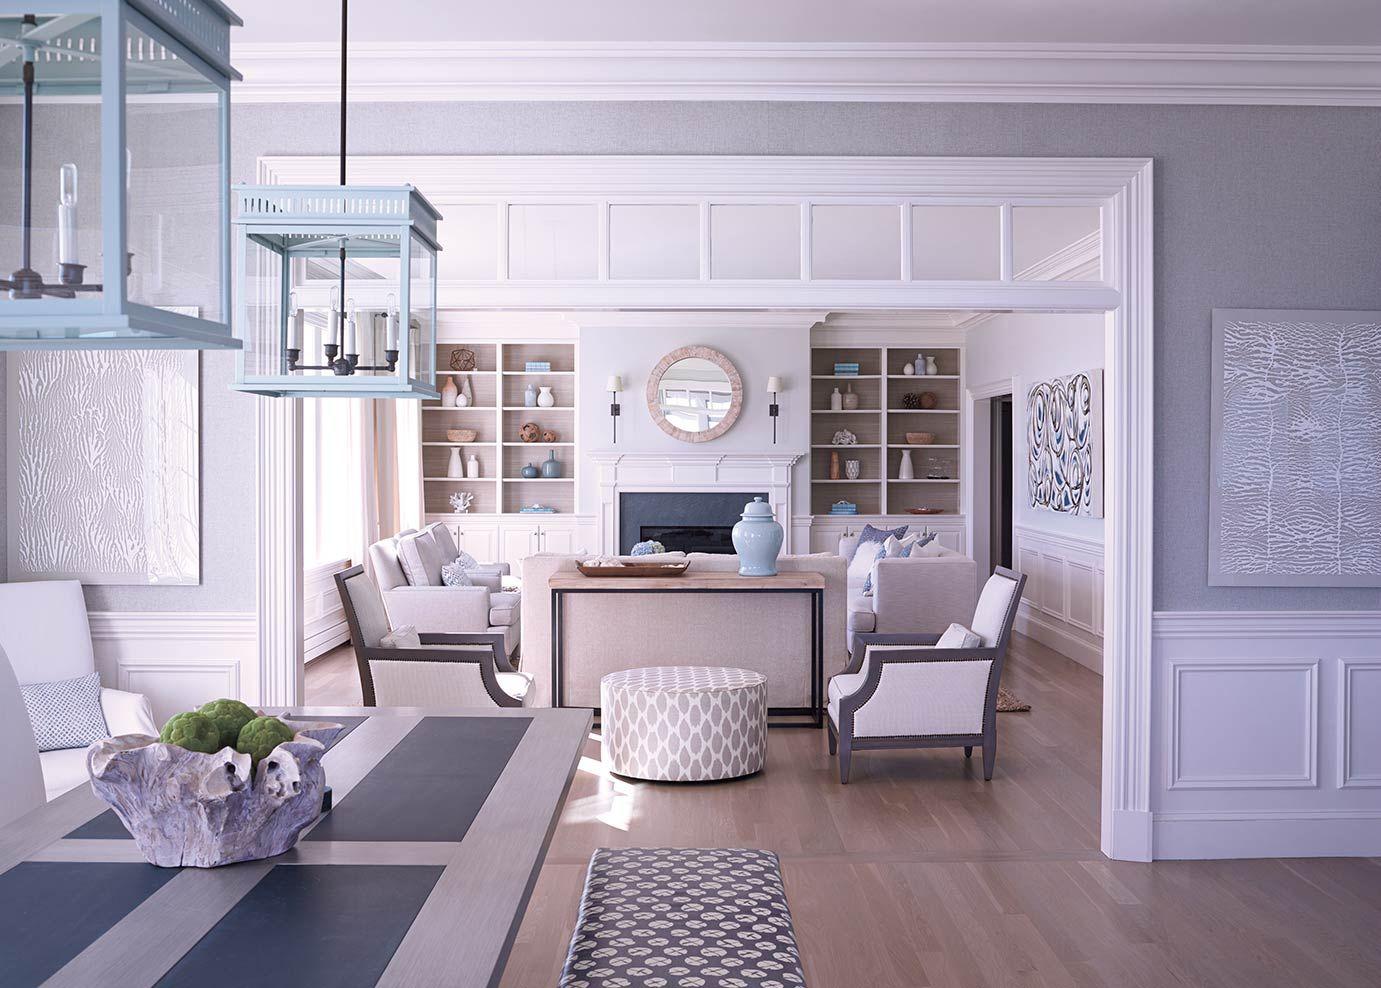 Julie Stein Design | Cape cod style house, Home interior ...